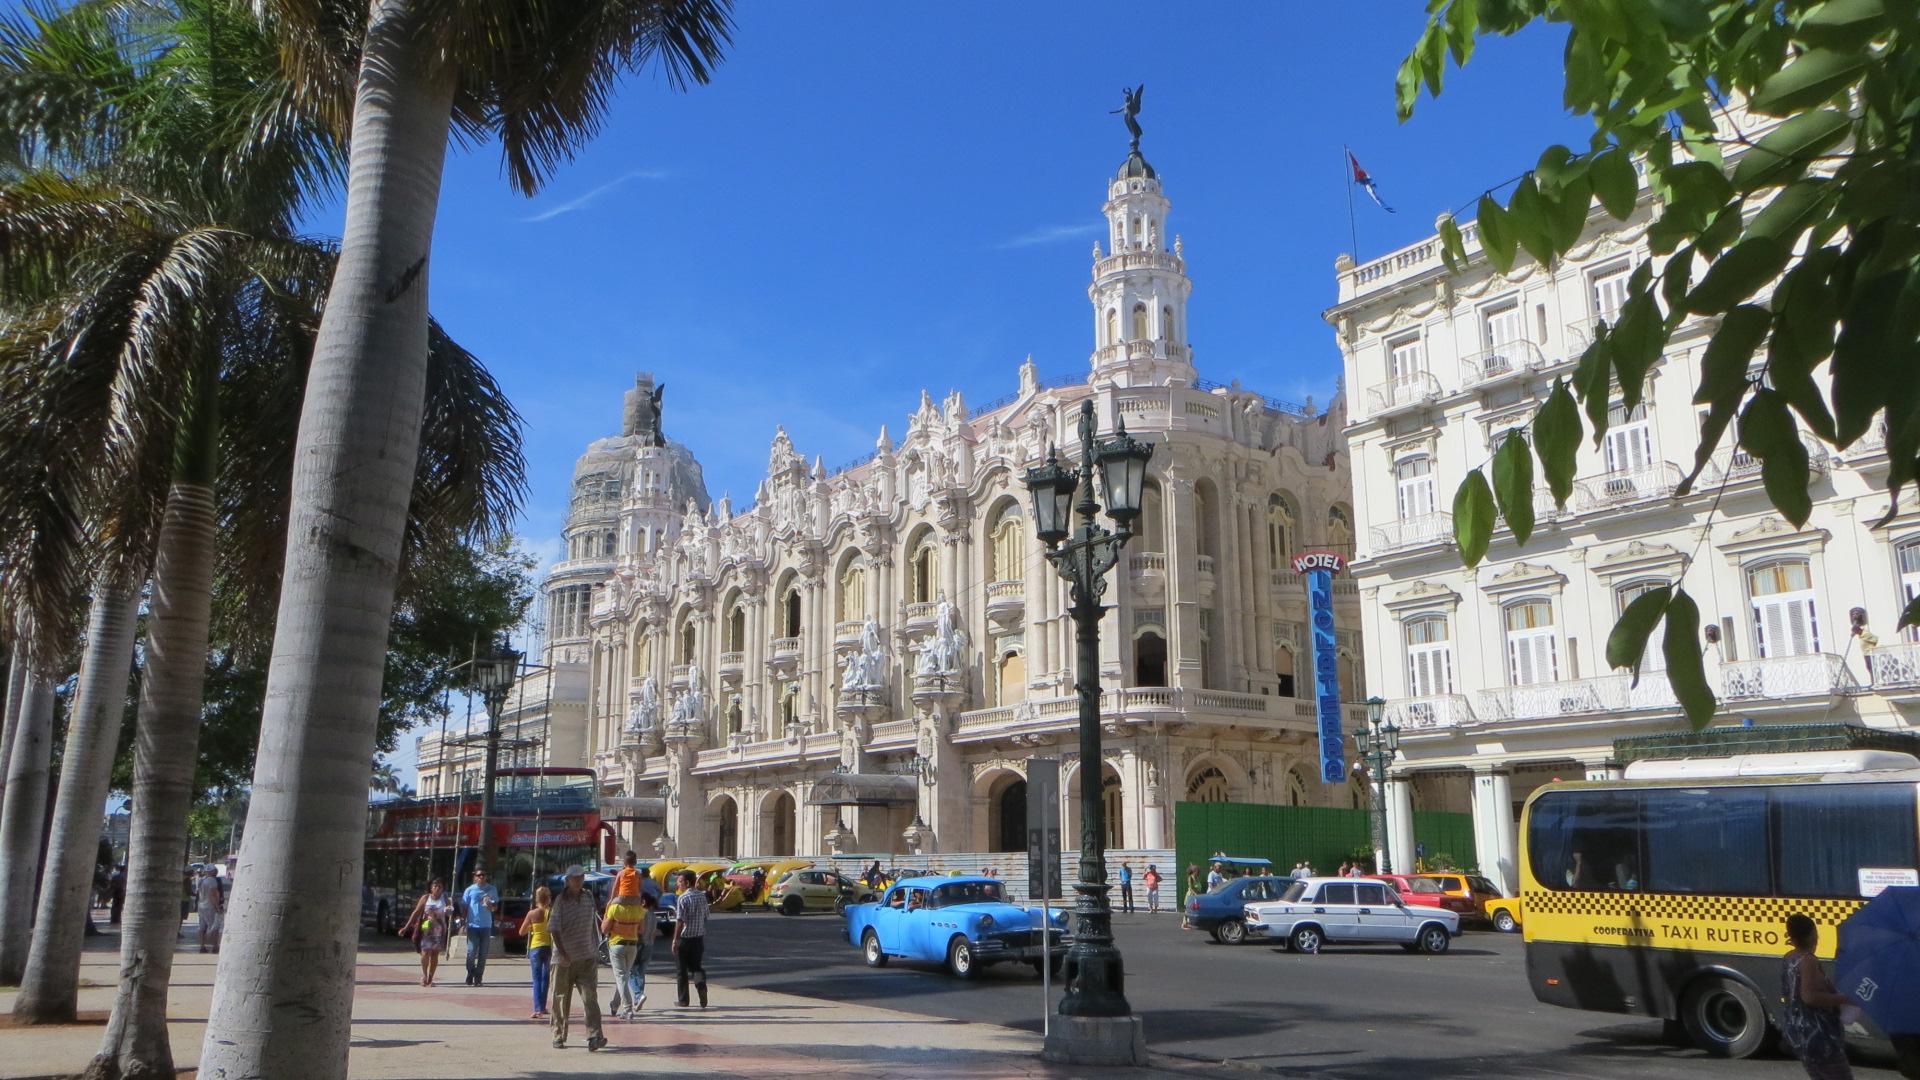 Kuba, Havanna am Parque Central mit Blick auf das Gran Teatro und Oldtimer